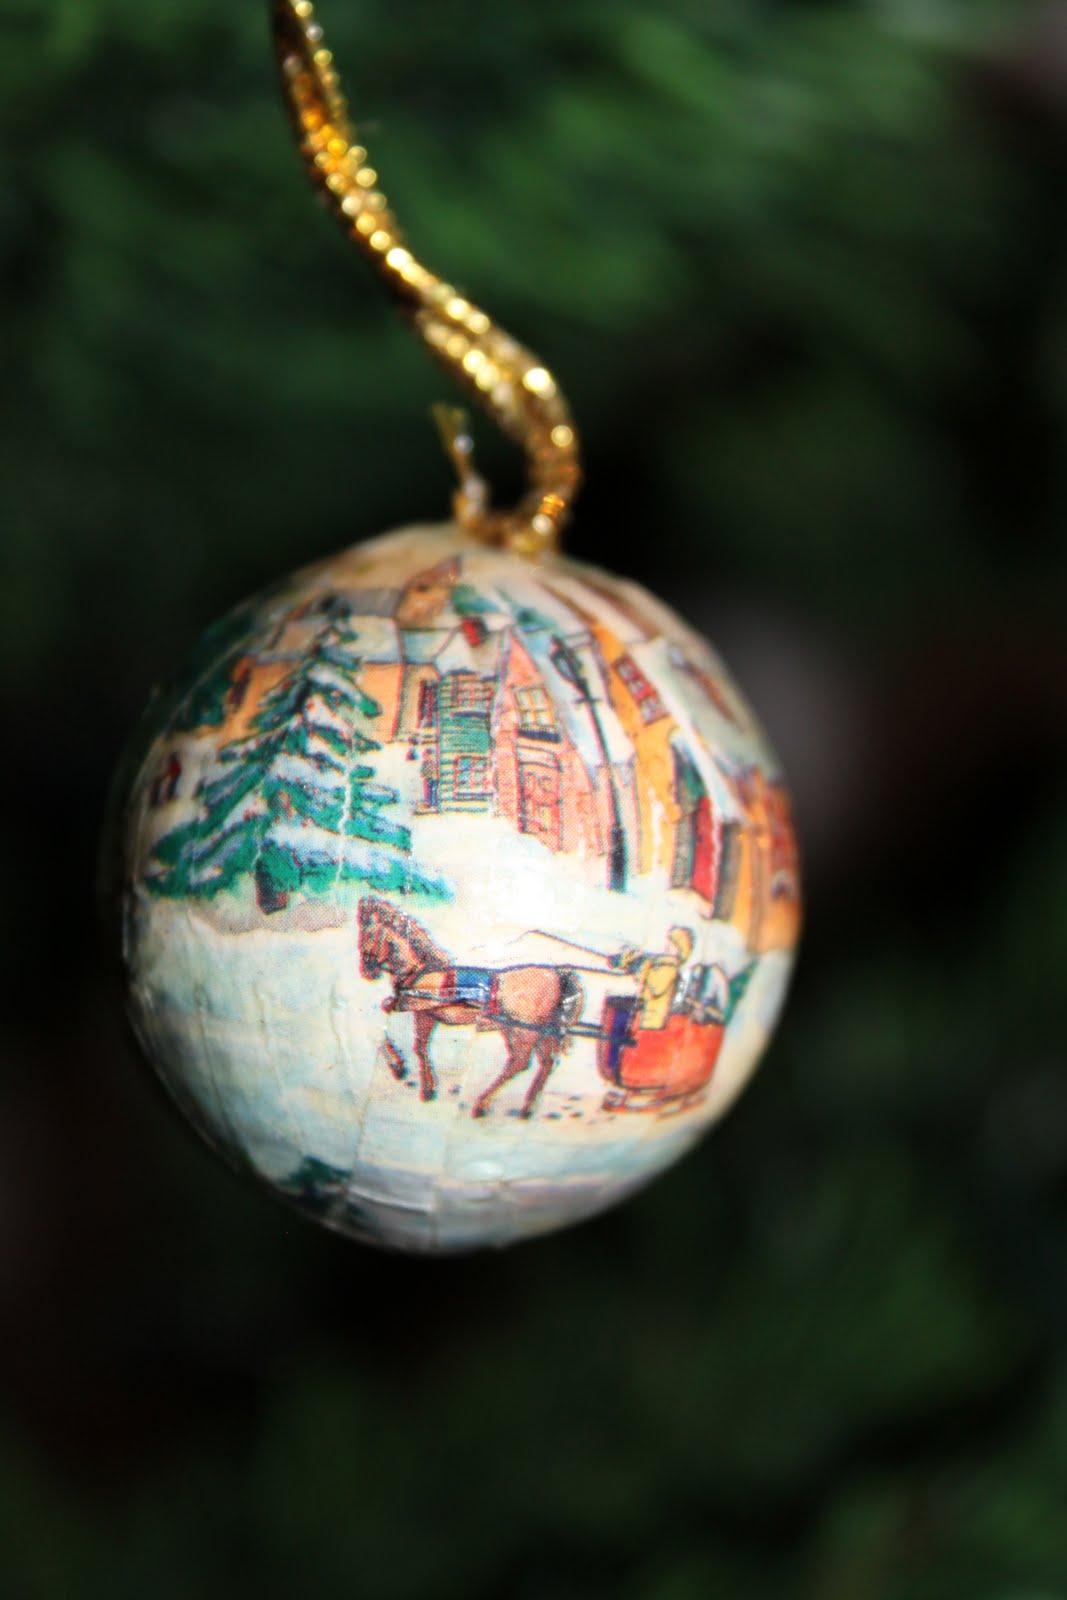 plantagen umeå julgran